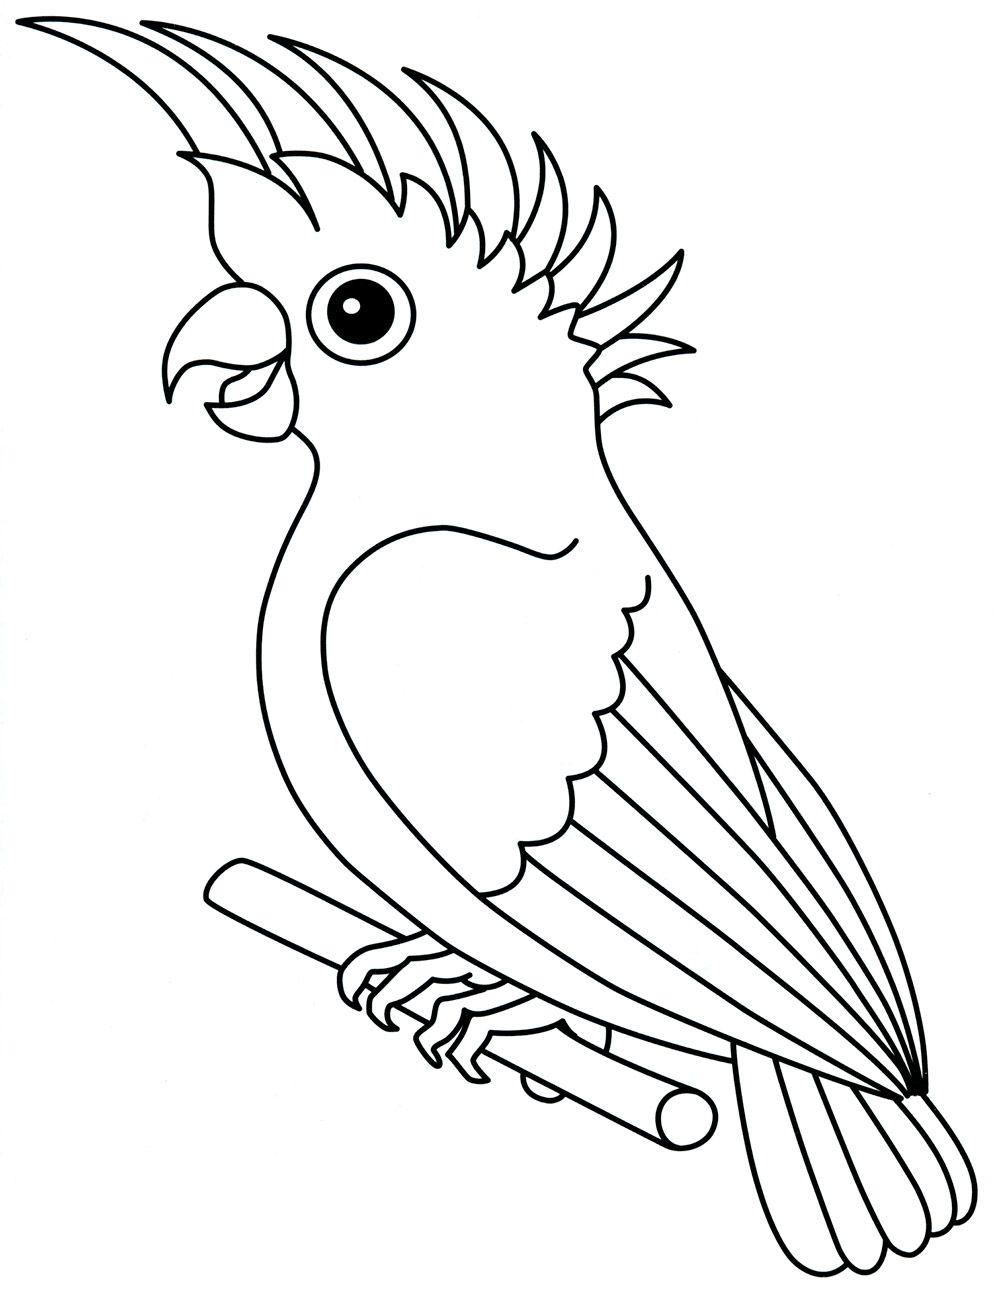 Раскраска Попугай | Раскраски, Рисунок птиц, Шаблон слона